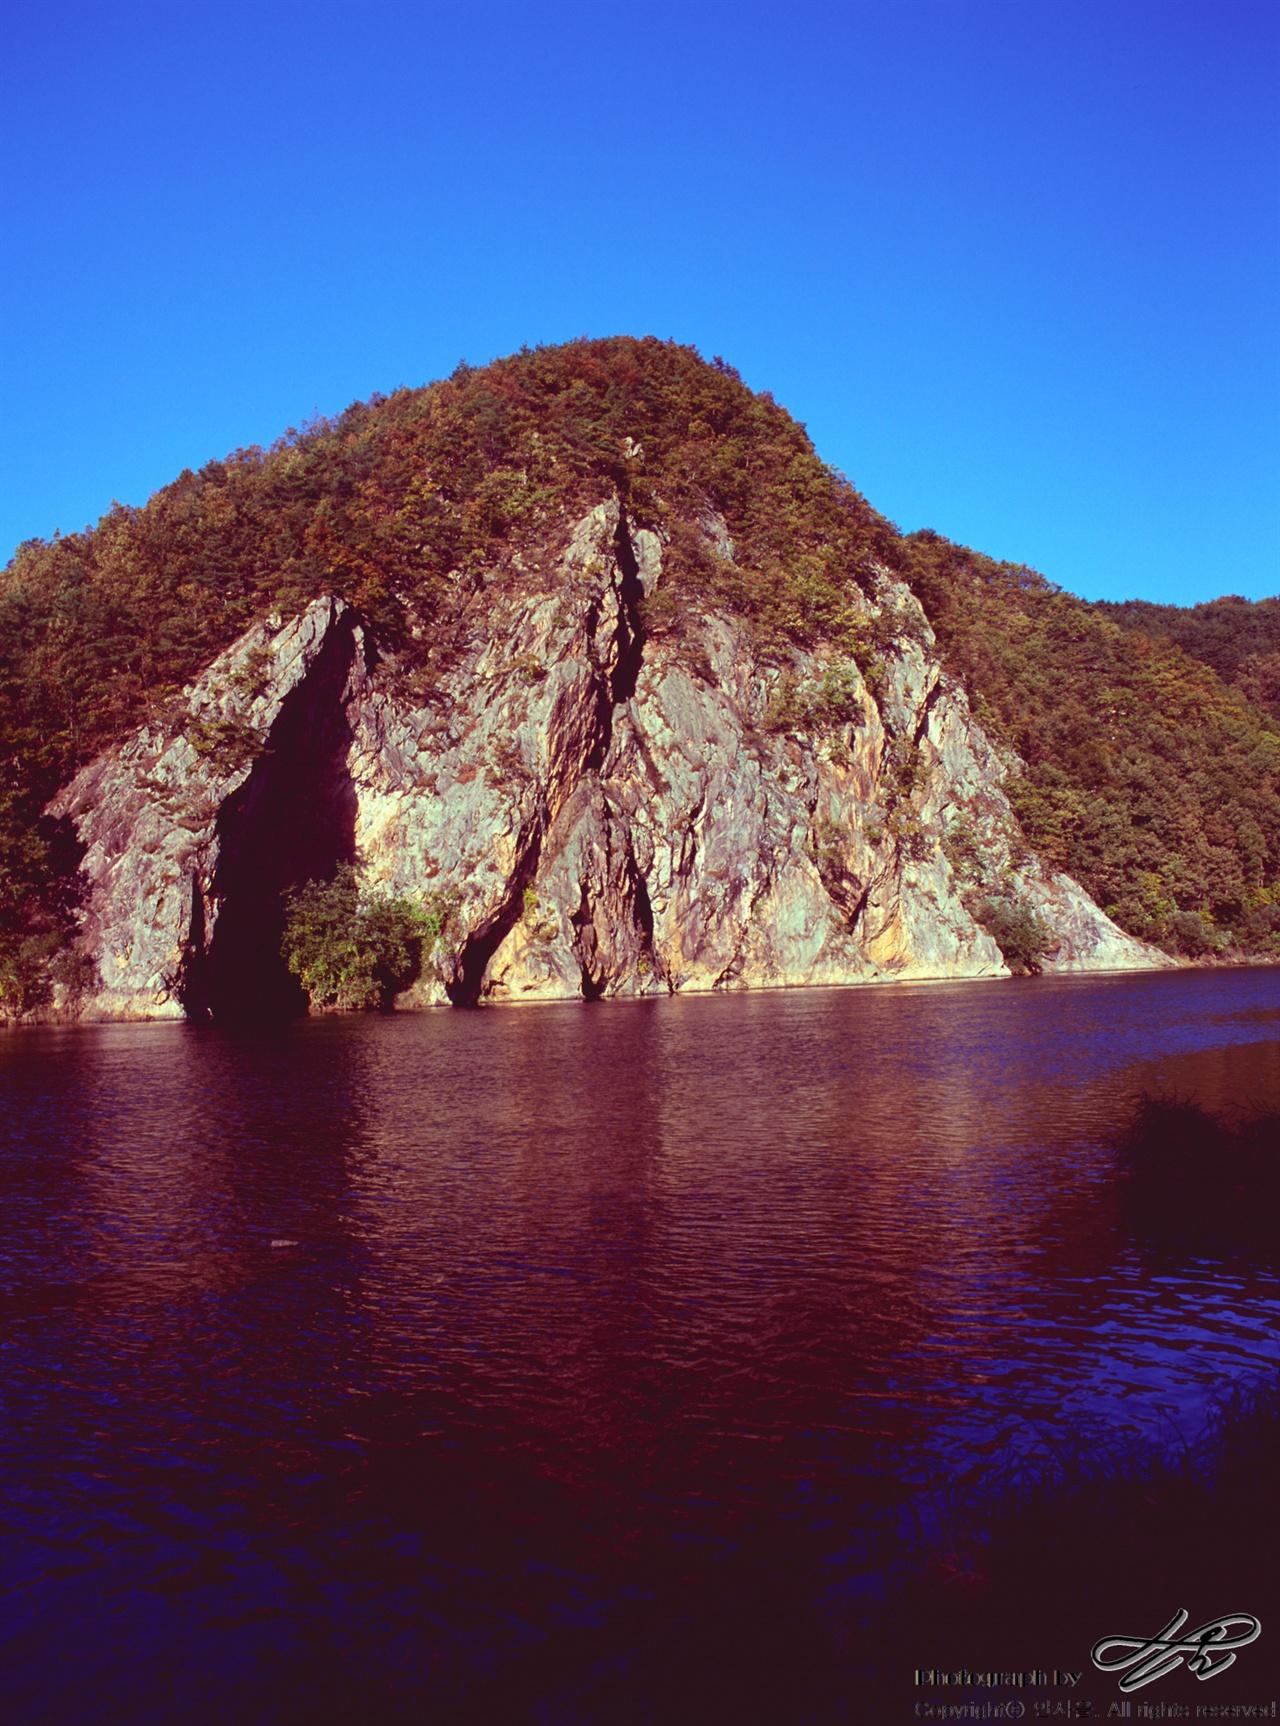 적벽강(금강) 필름(VELVIA100). 금강의 한 부분으로, 붉은색을 띠는 절벽들이 늘어서있다고 해서 주민들이 적벽강이라고 불러왔다고 한다. 극채도의 필름을 사용한데다가 색깔을 더욱 진하게 만들기 위해 언더로 촬영하였다.